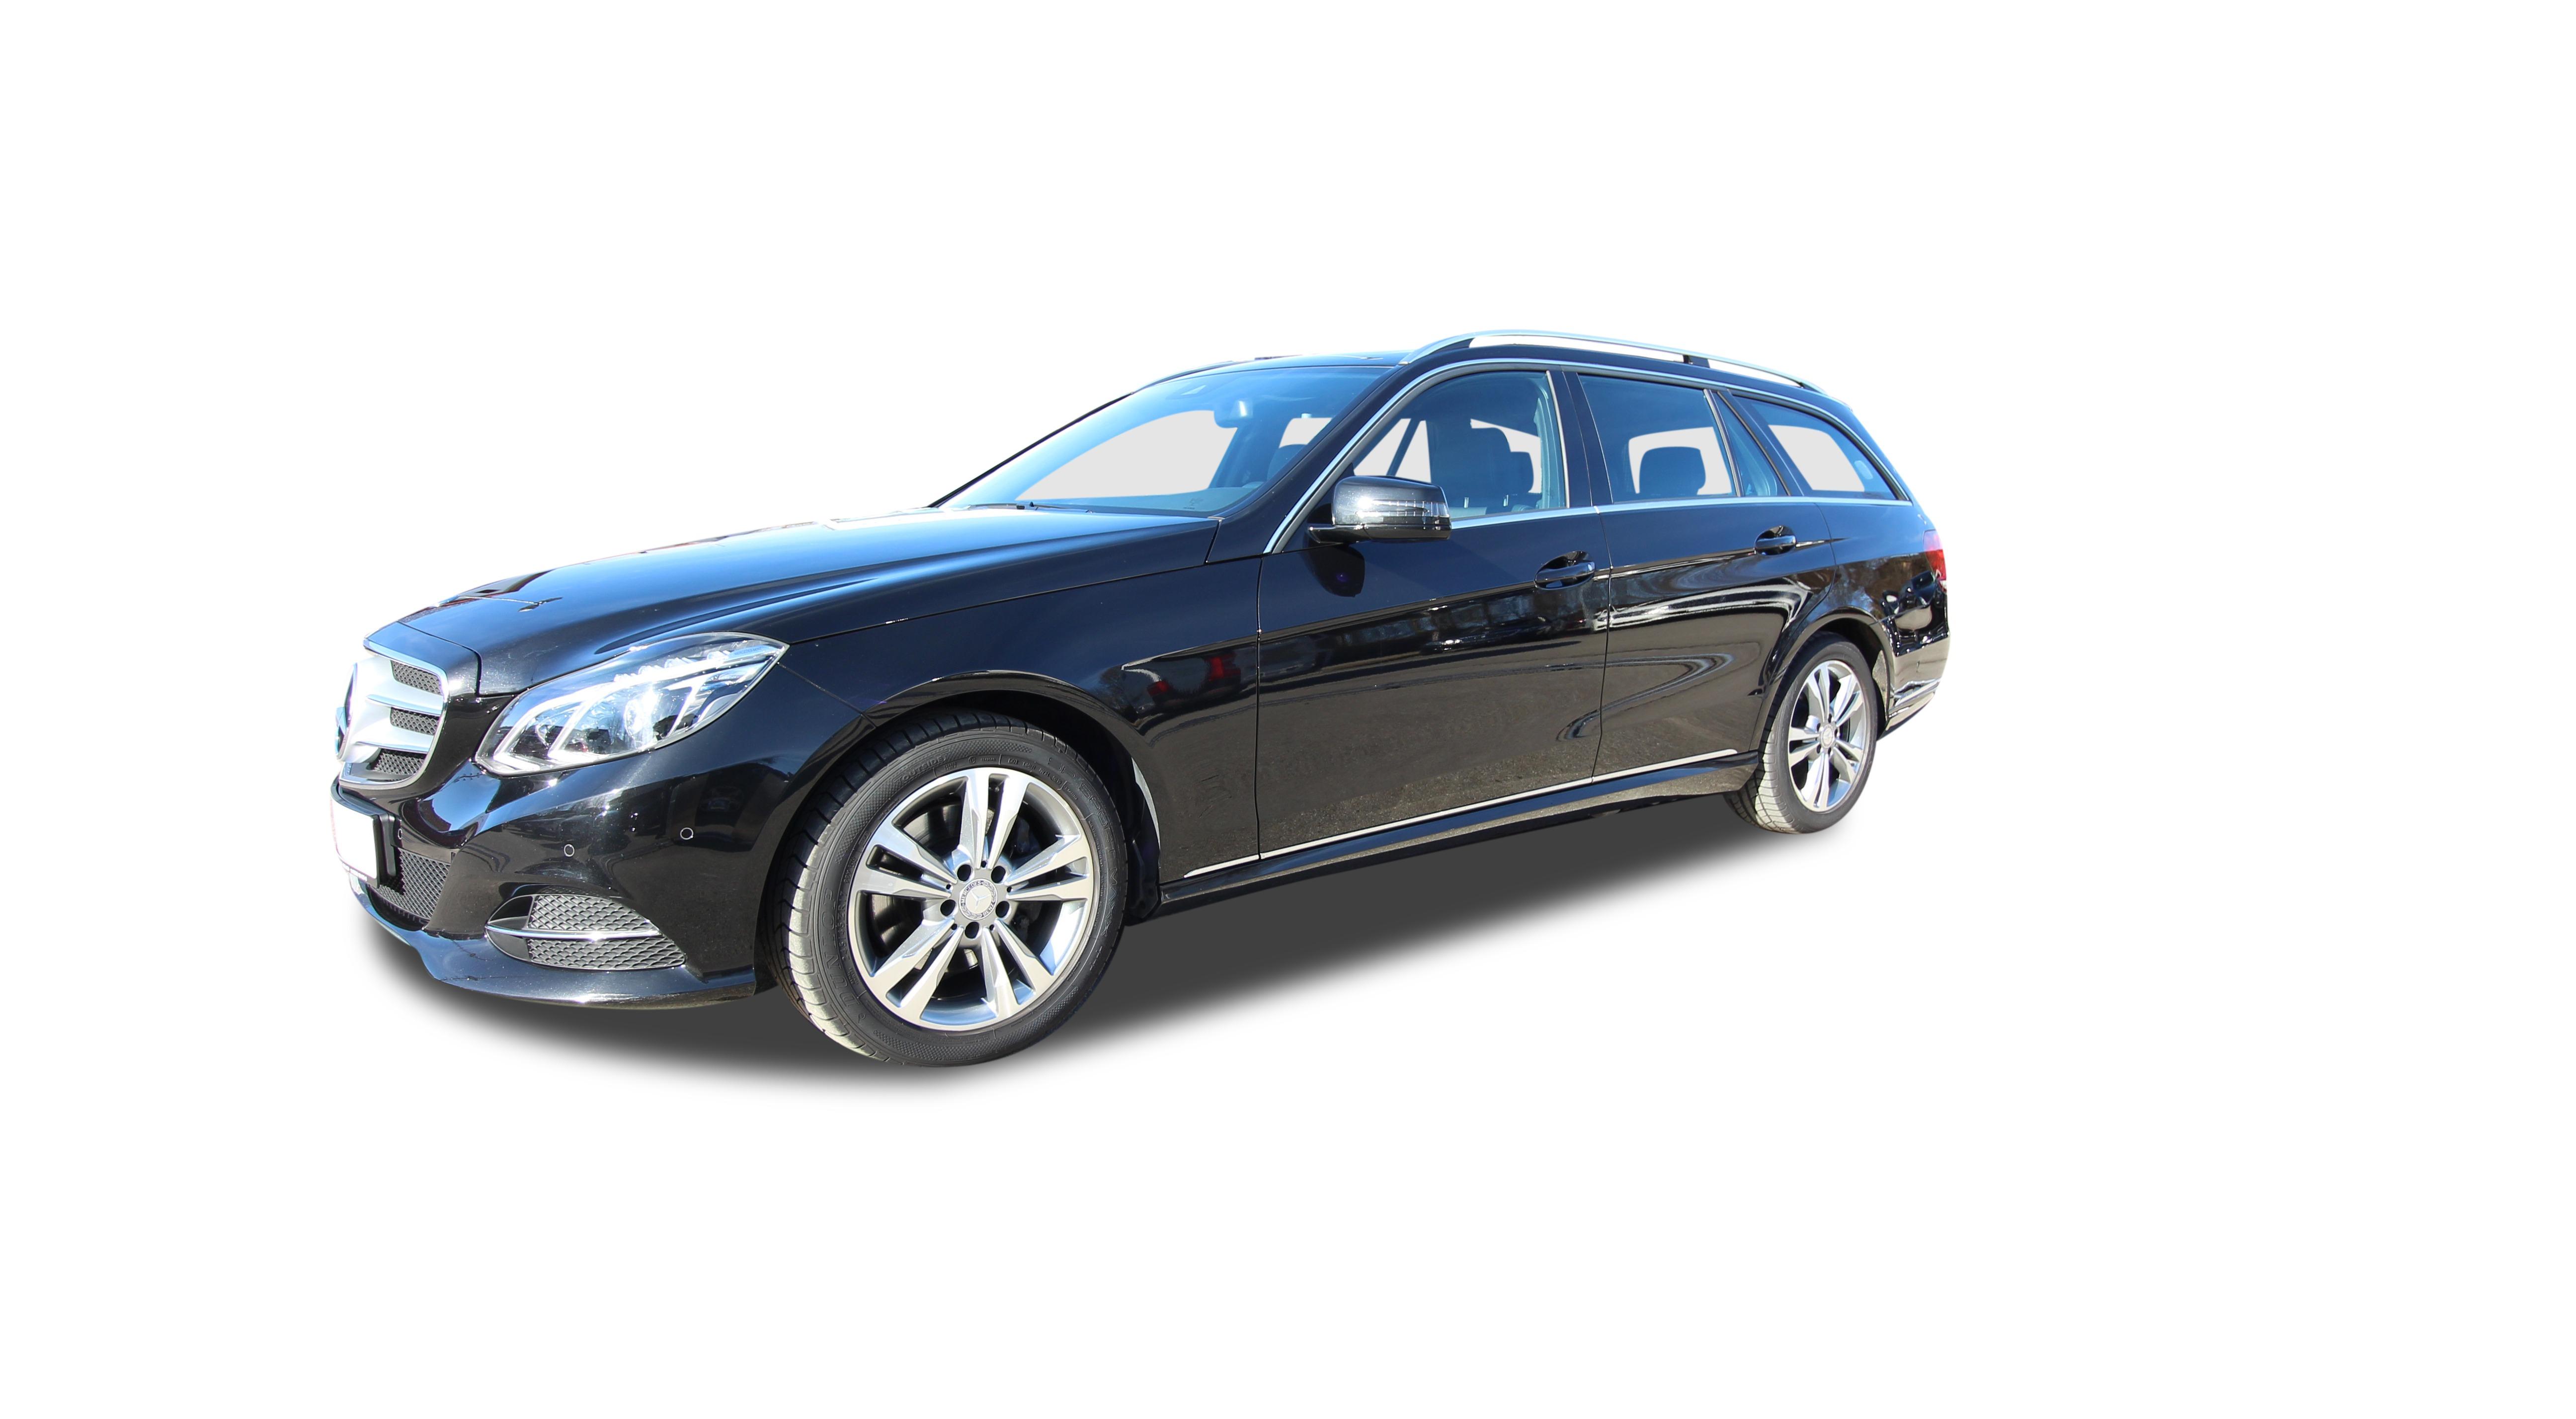 Mercedes-Benz E 250 CDI T-Modell 4Matic Avantgarde COMAND SHD